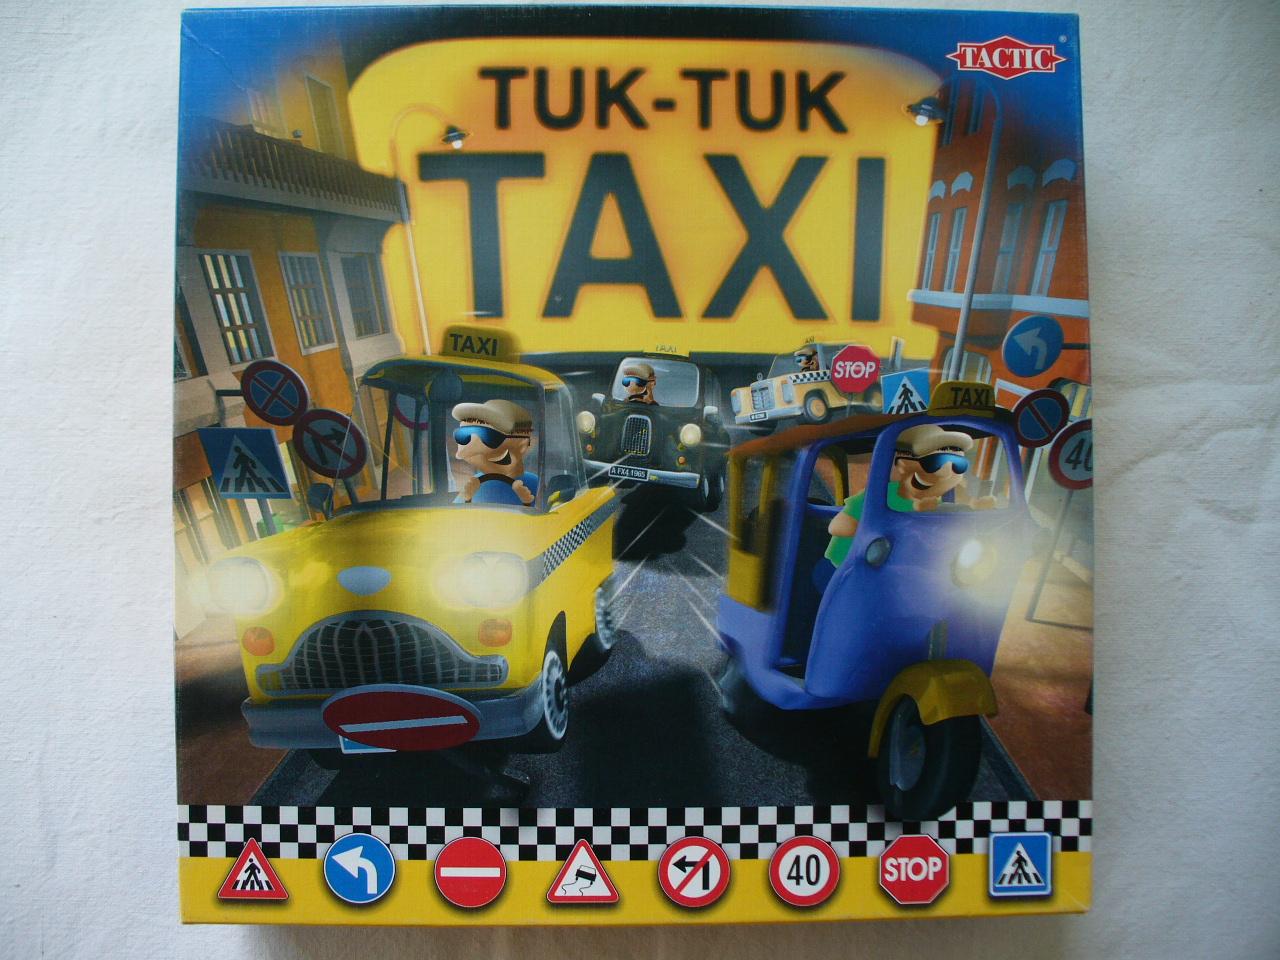 acheter tuk tuk taxi d 39 occasion sur okkazeo petites annonces de jeux de soci t. Black Bedroom Furniture Sets. Home Design Ideas